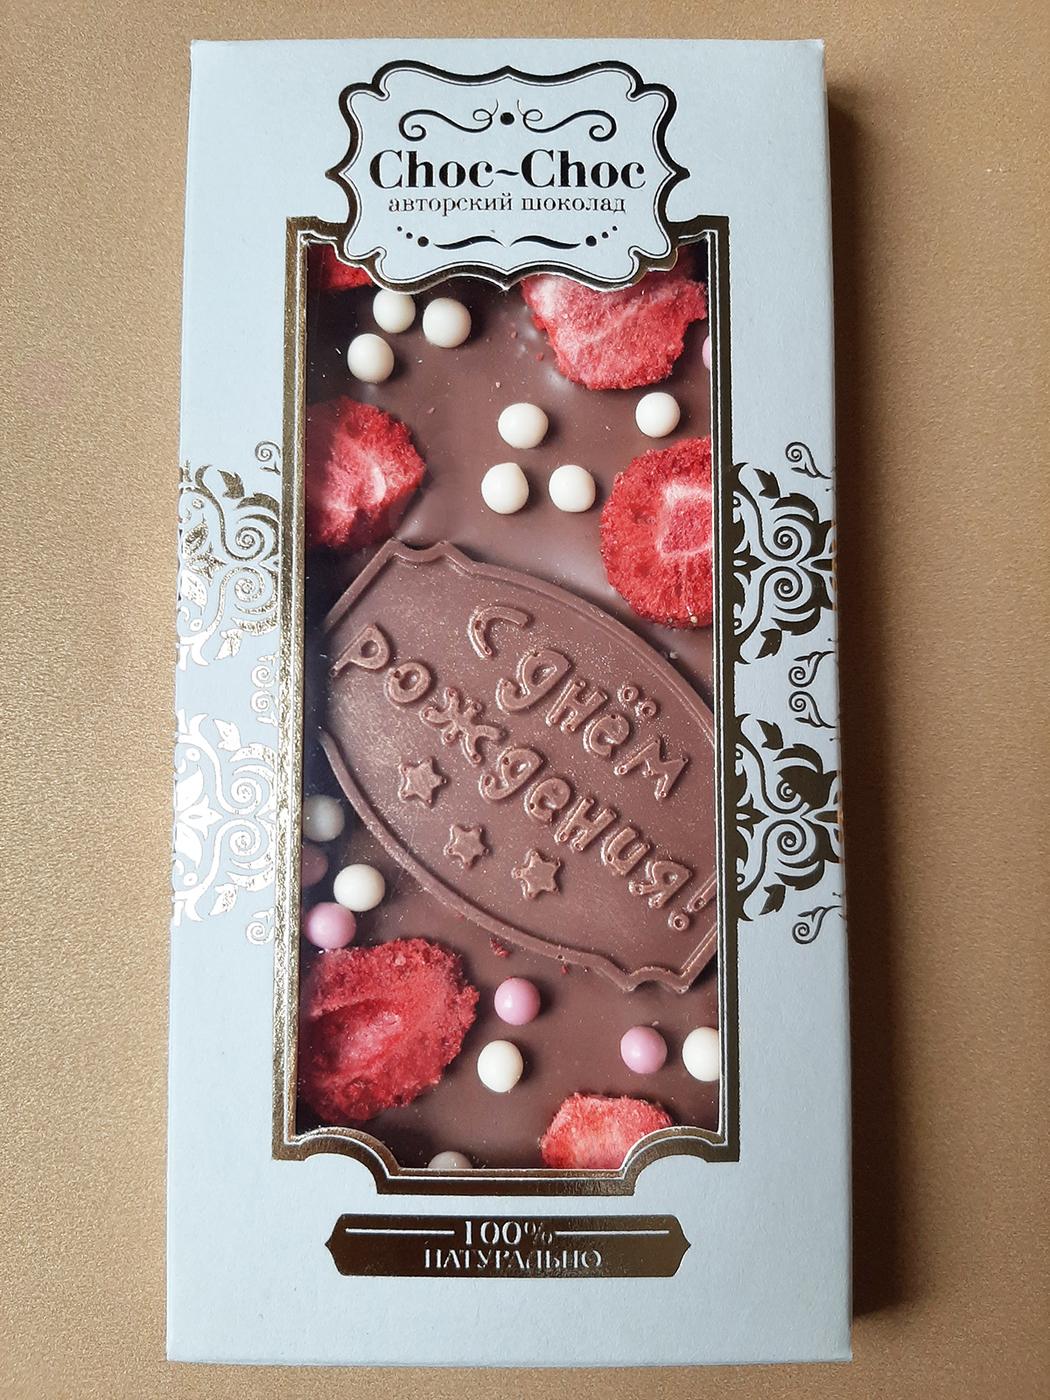 наступлением шоколадная открытка шоколадная мозаика элемент обеспечивает принудительную